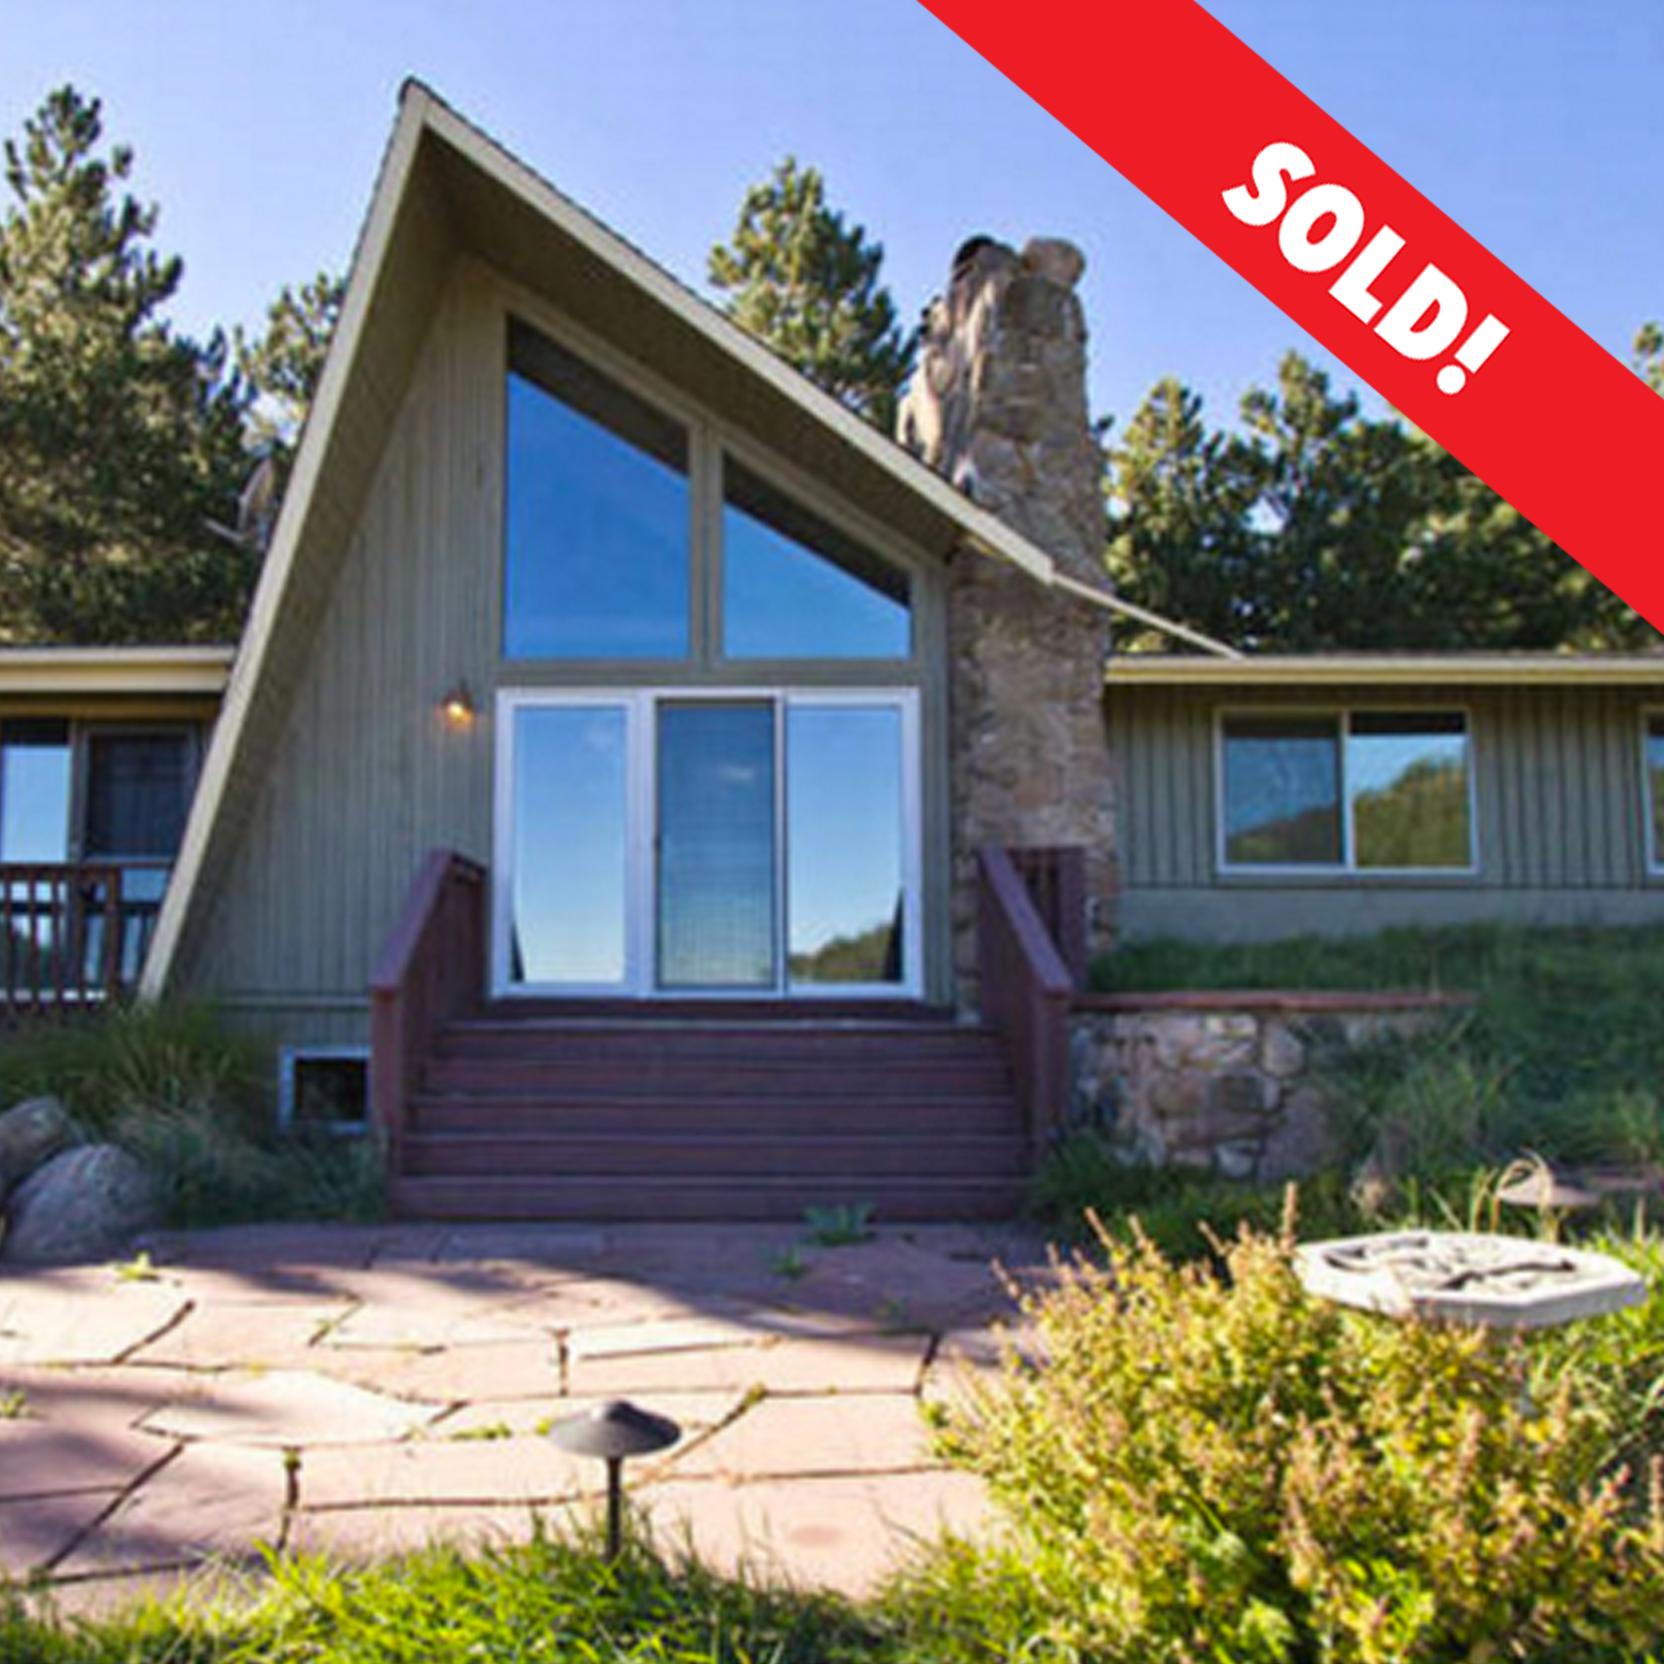 324 Granite Dr - Boulder, CO 80302 $728,000